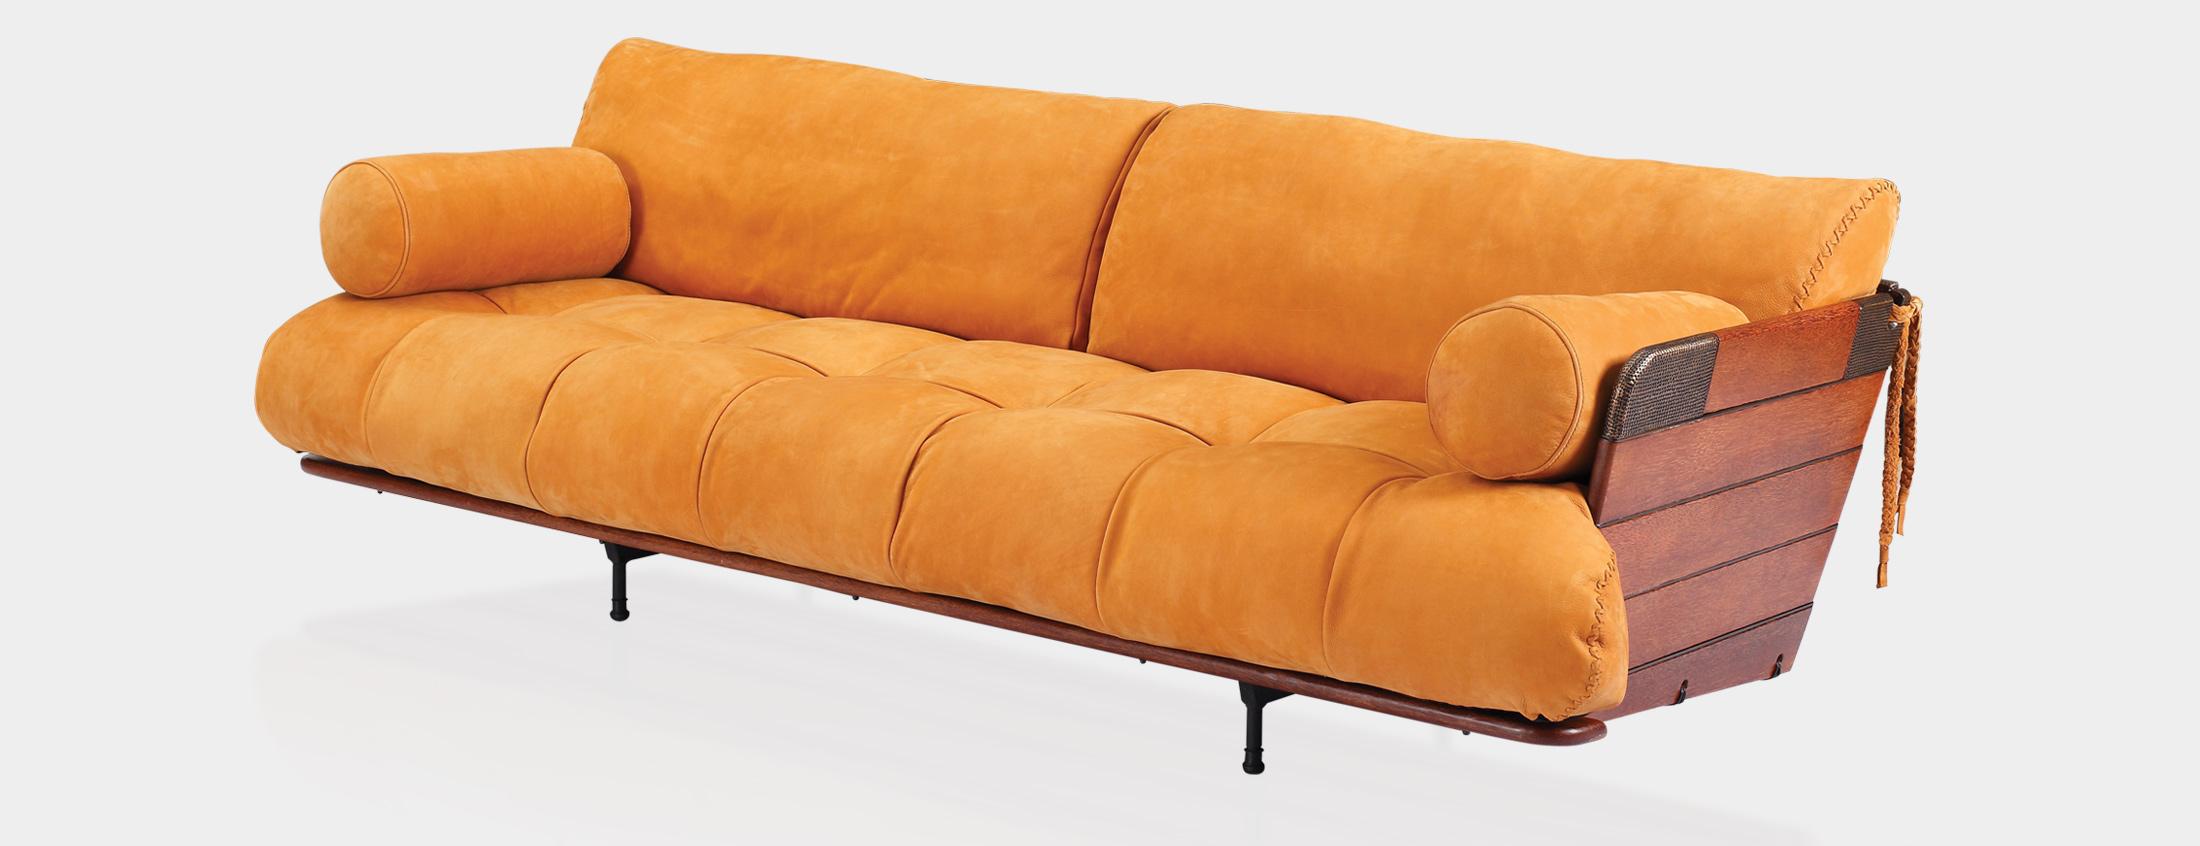 cosmo sofa costco calvin cosmopolitan pacific green furniture exotic